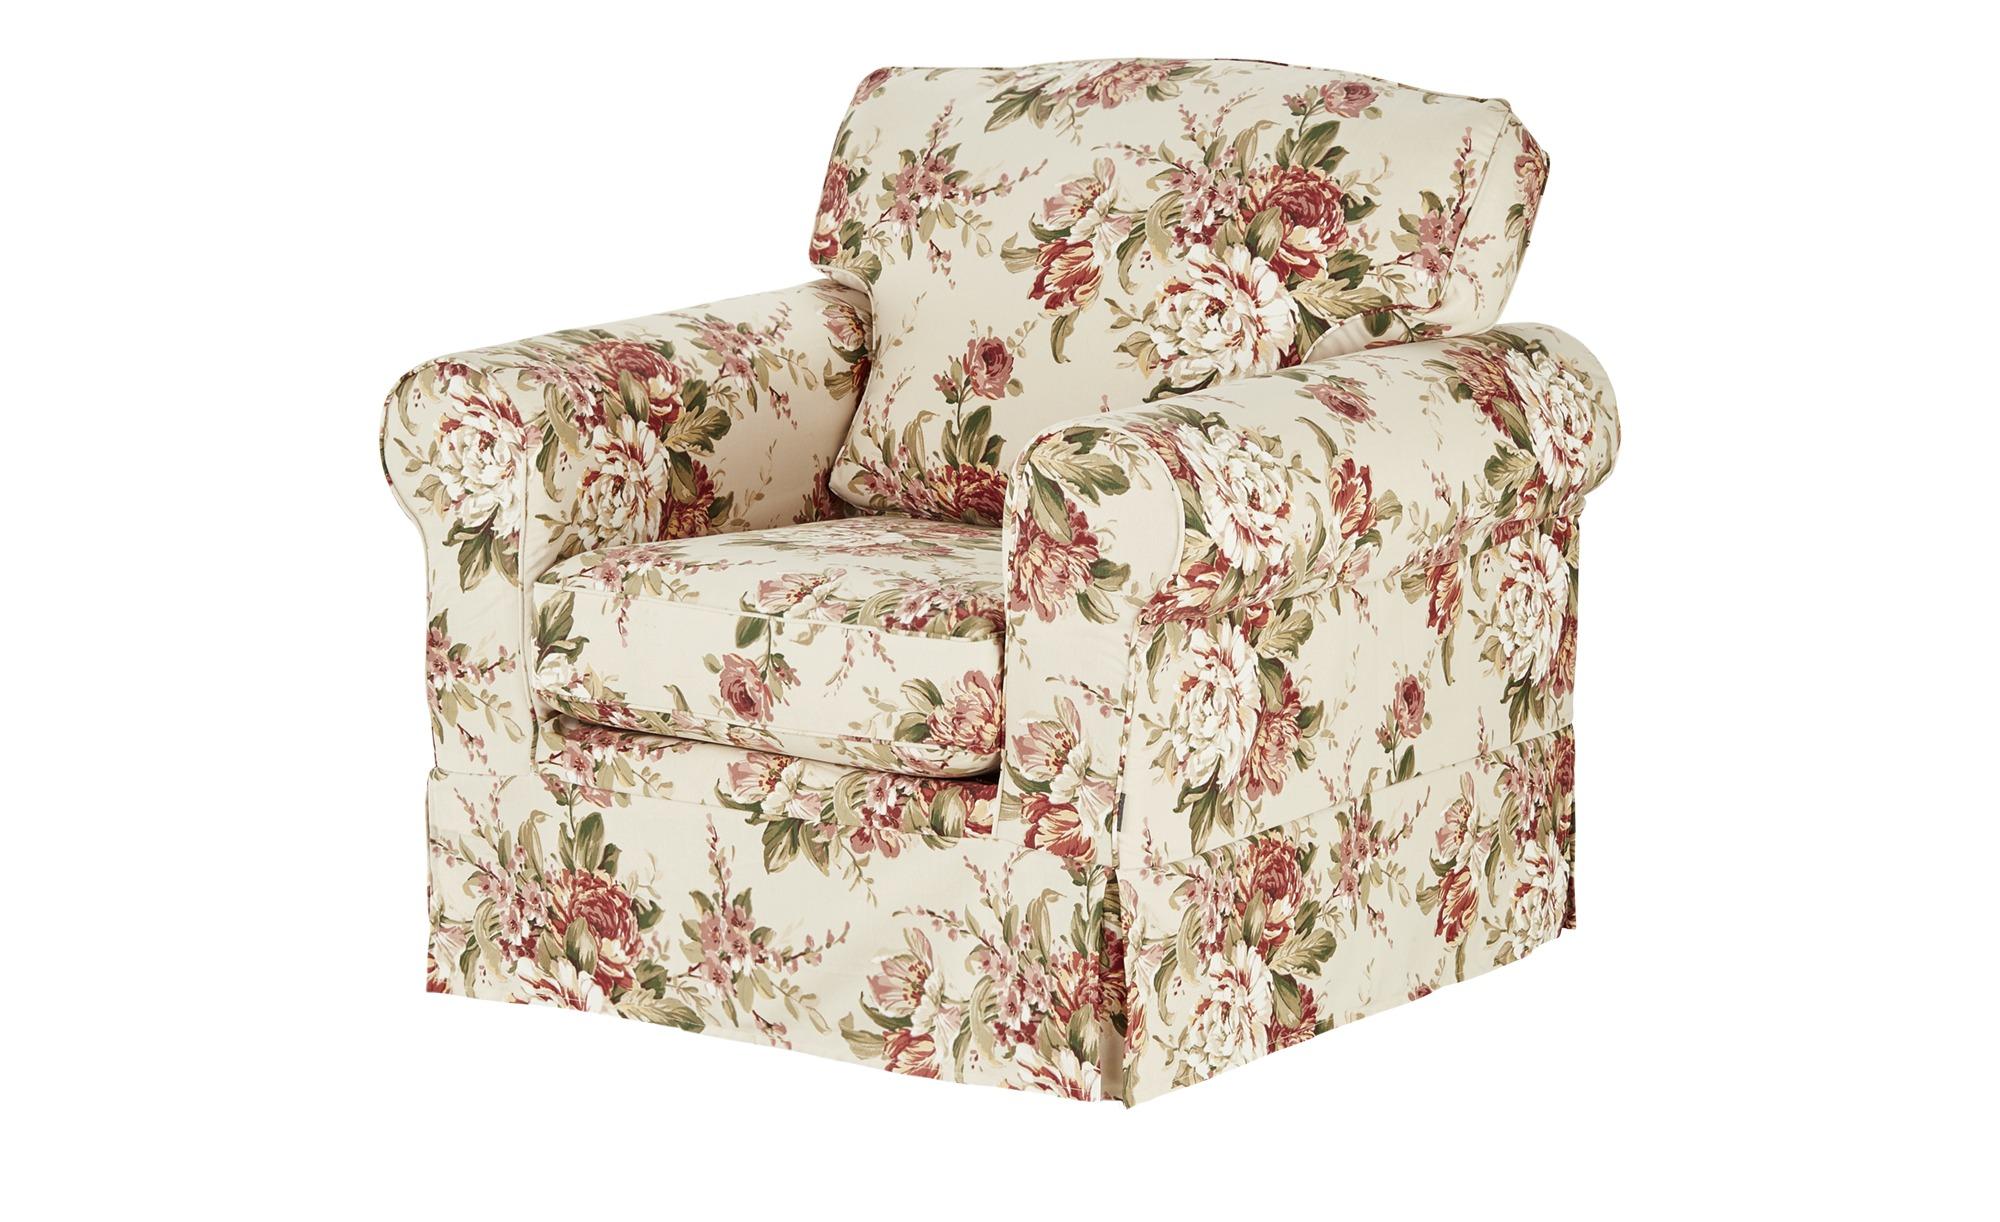 Sessel mit Husse bunt - Stoff Chaneel ¦ mehrfarbig ¦ Maße (cm): B: 99 H: 94 T: 92 Polstermöbel > Sessel > Polstersessel - Höffner